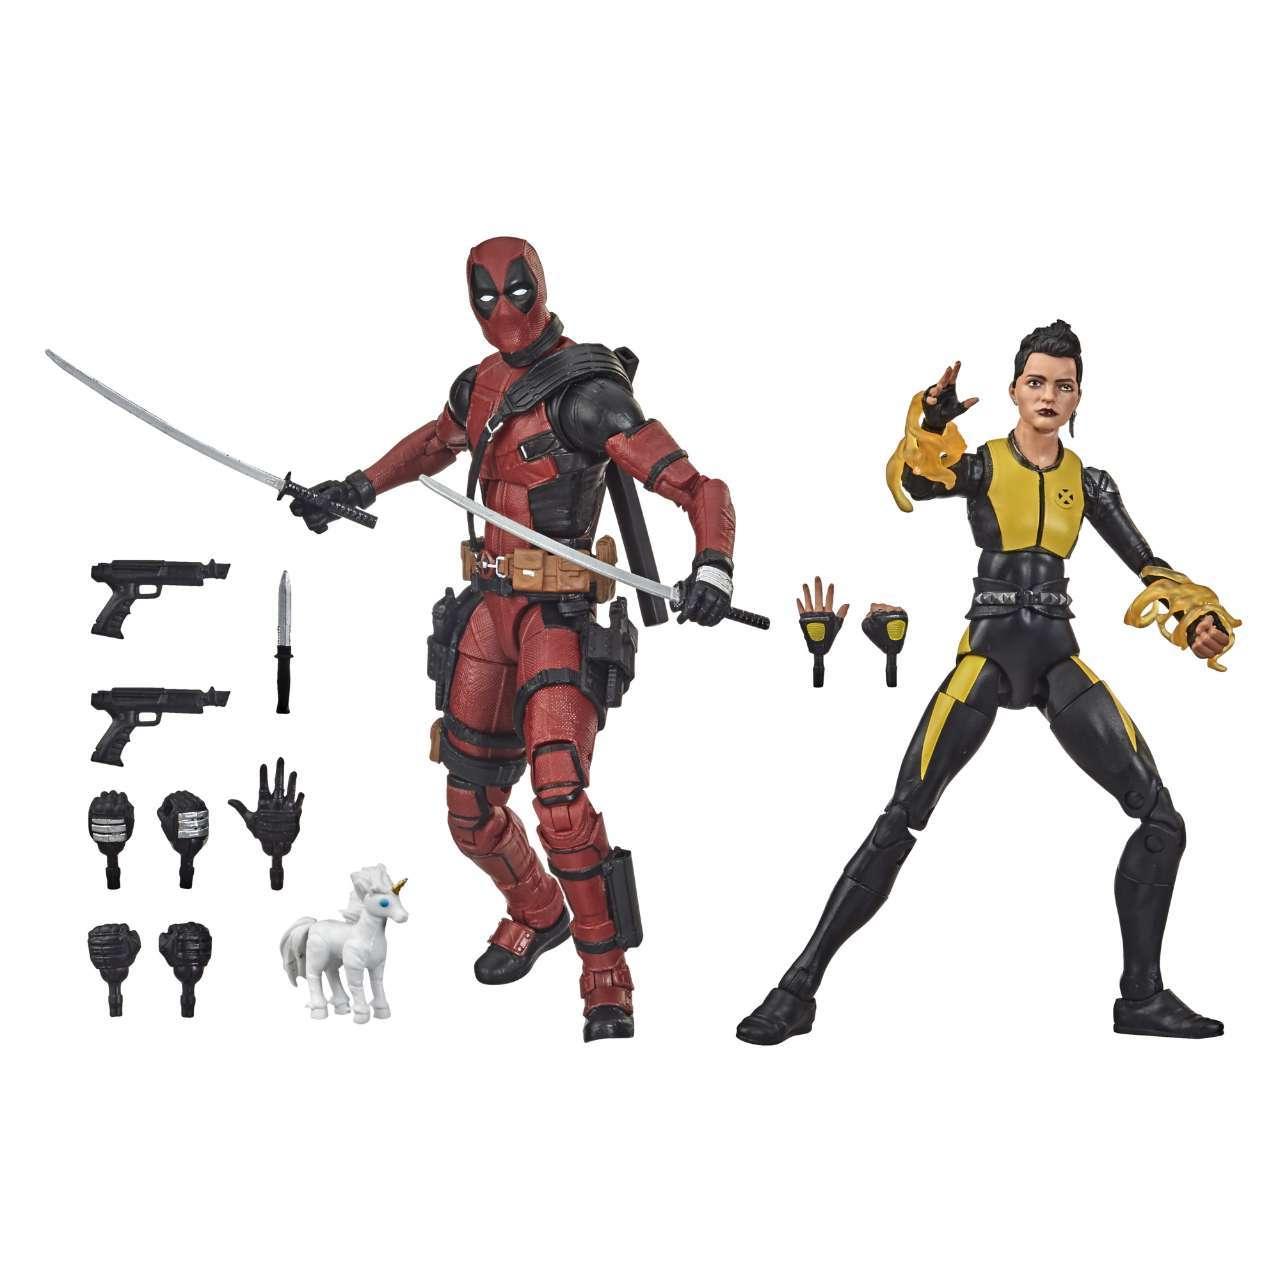 Marvel-LegendsE92885L00_5010993723744_main_20_Online_300DPI